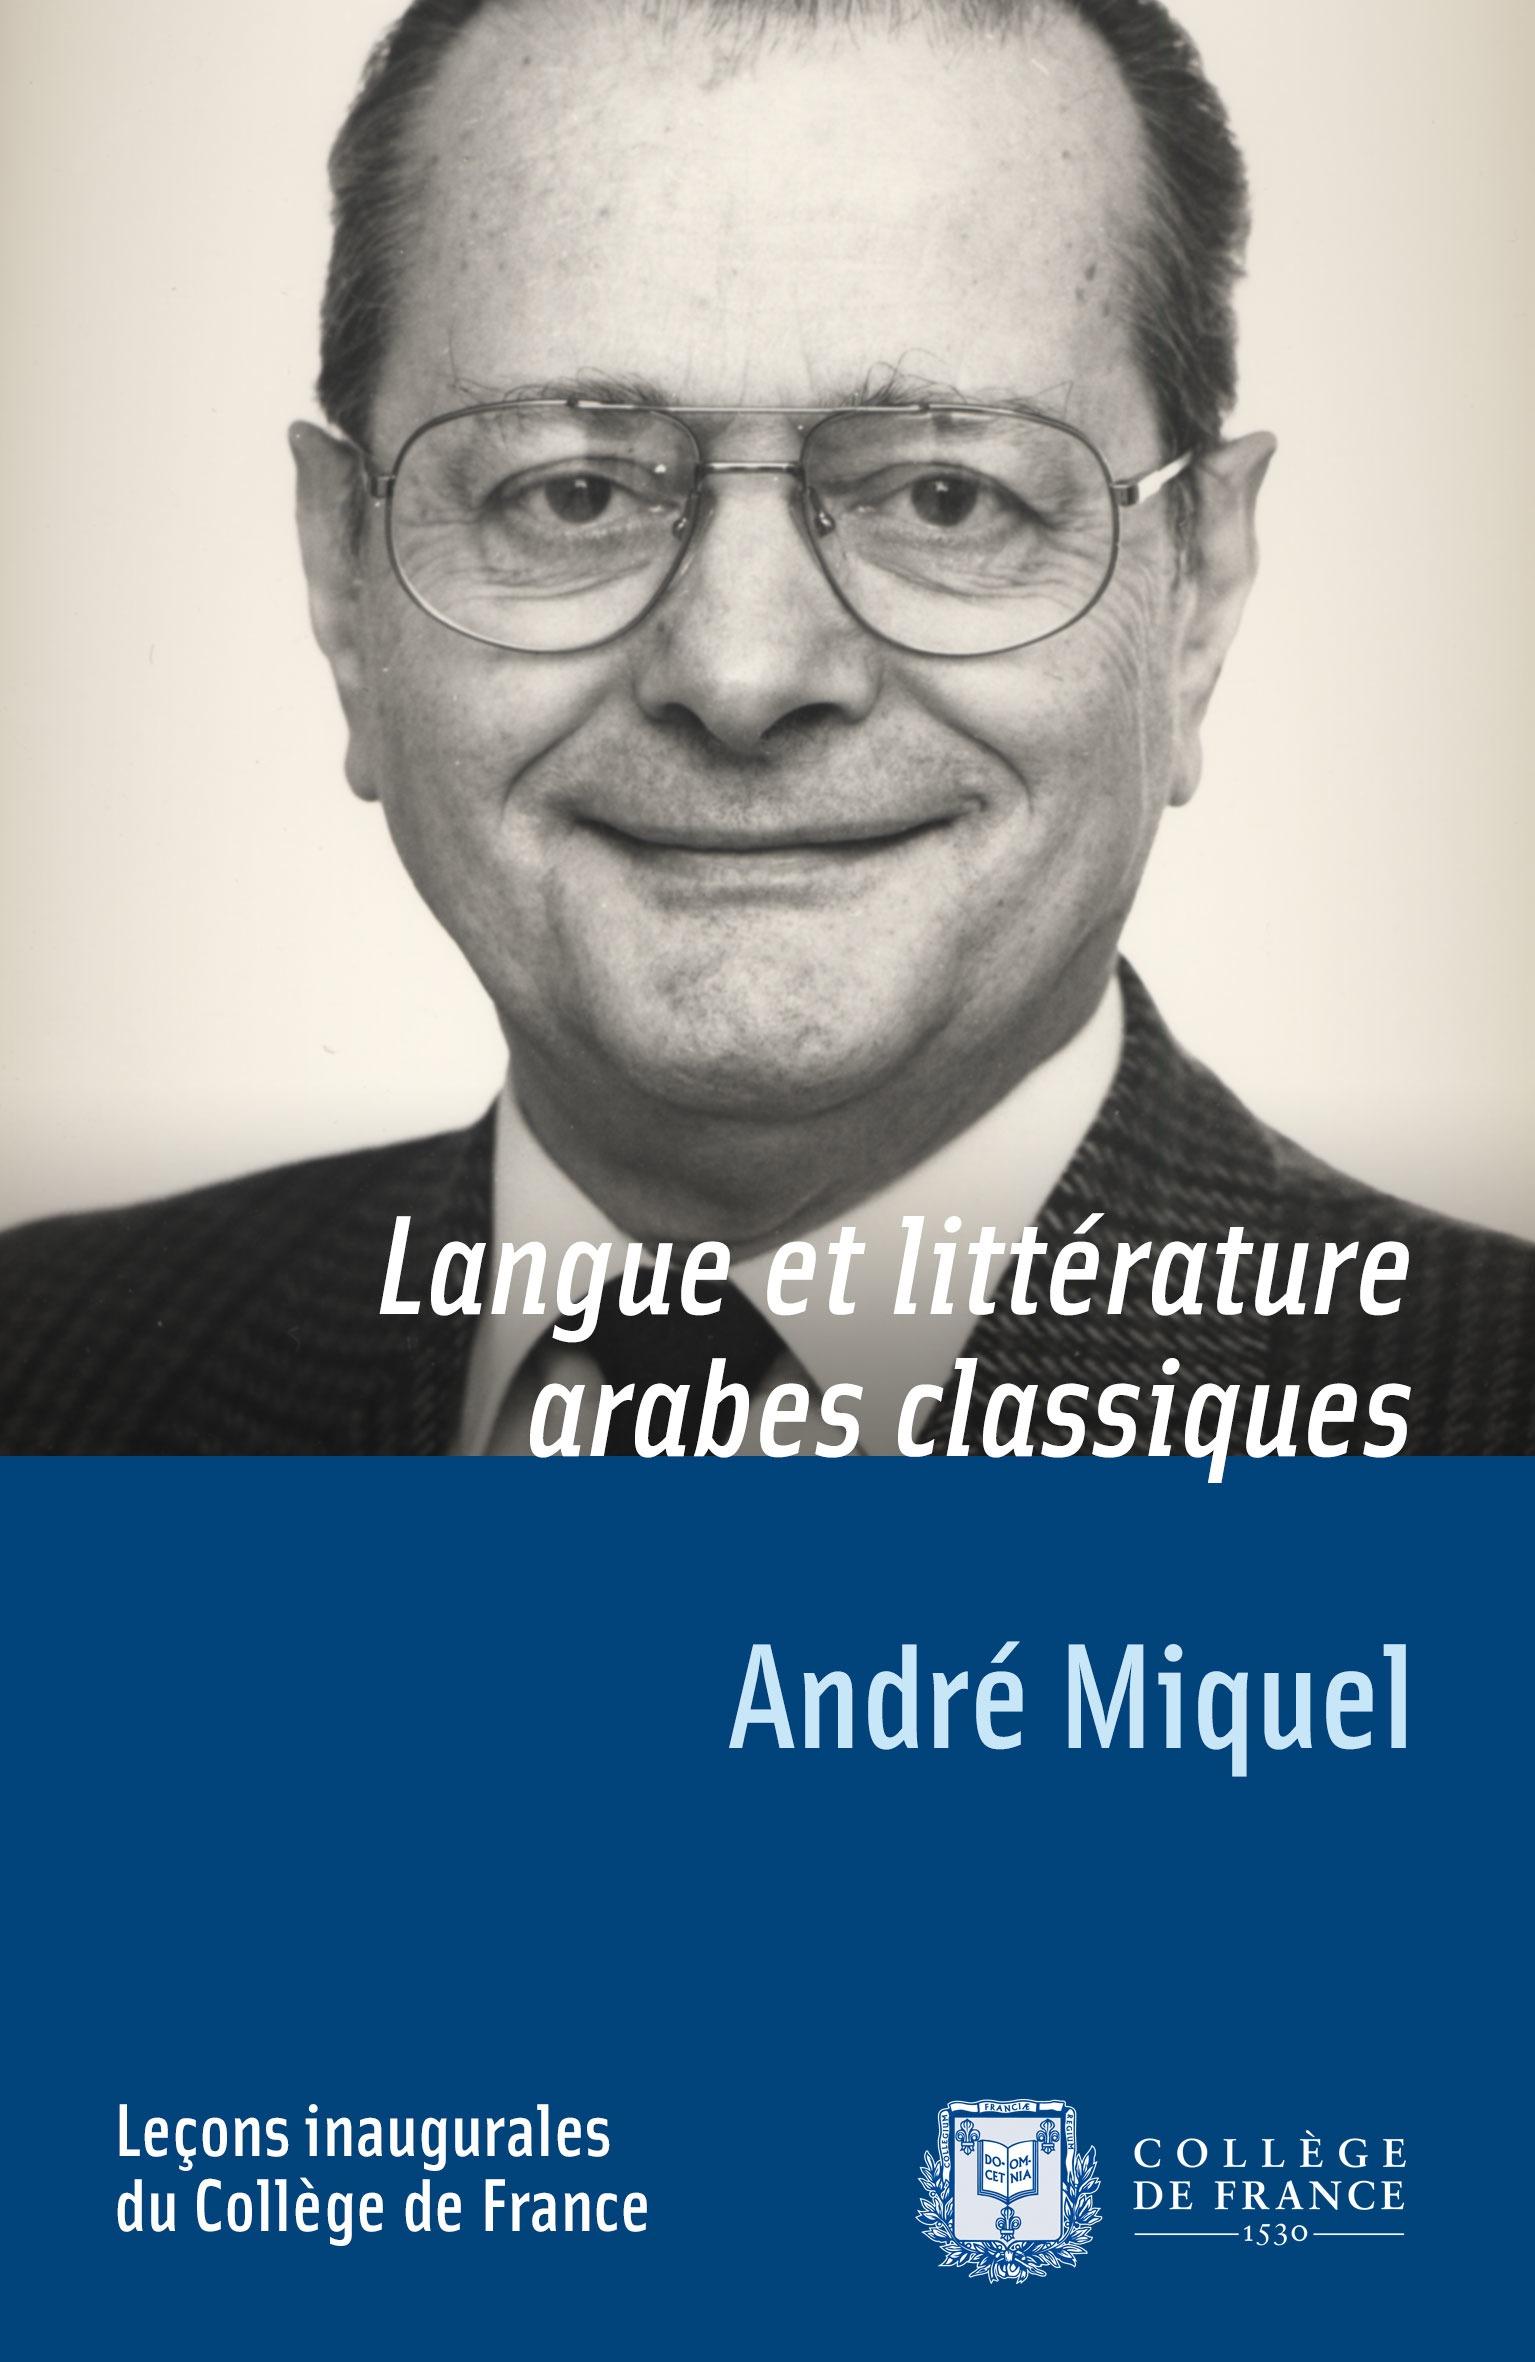 Langue et littérature arabes classiques, LEÇON INAUGURALE PRONONCÉE LE VENDREDI 3 DÉCEMBRE 1976